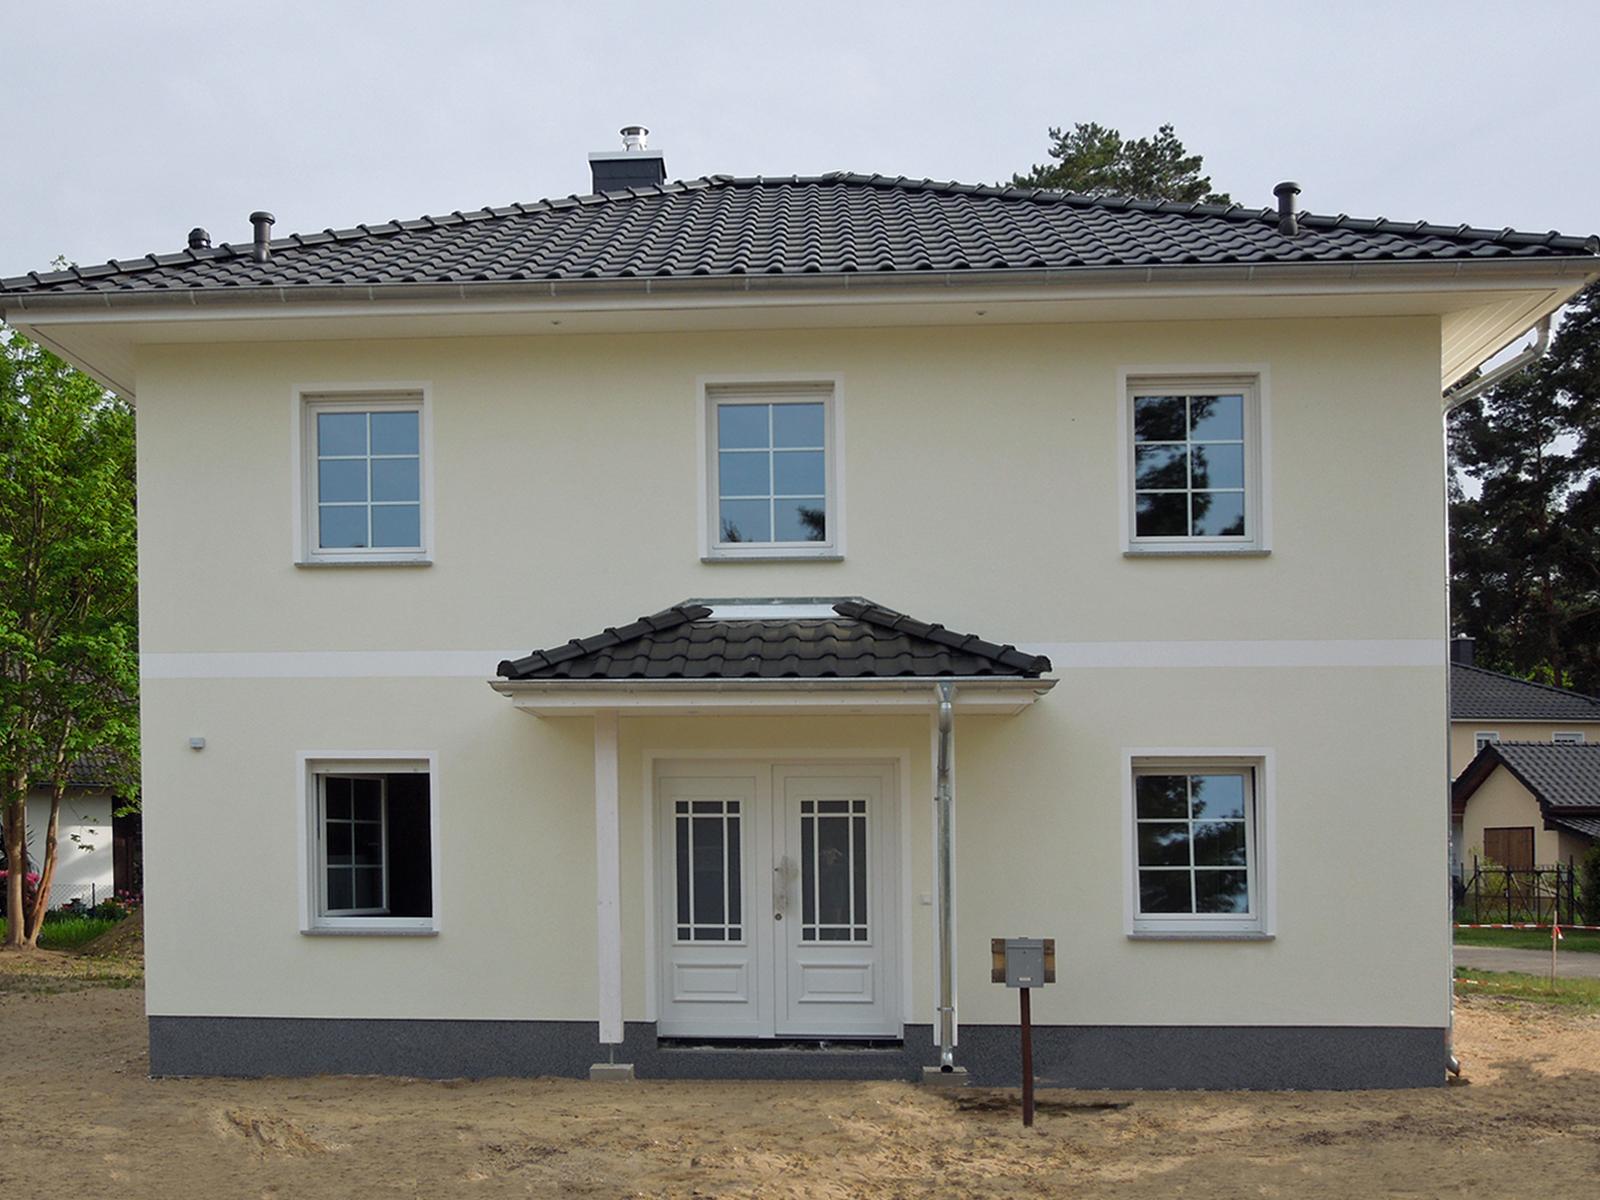 ein doppelhaus f r drei parteien hausbesichtigung am 17 18 m rz in 22117 hamburg billstedt. Black Bedroom Furniture Sets. Home Design Ideas